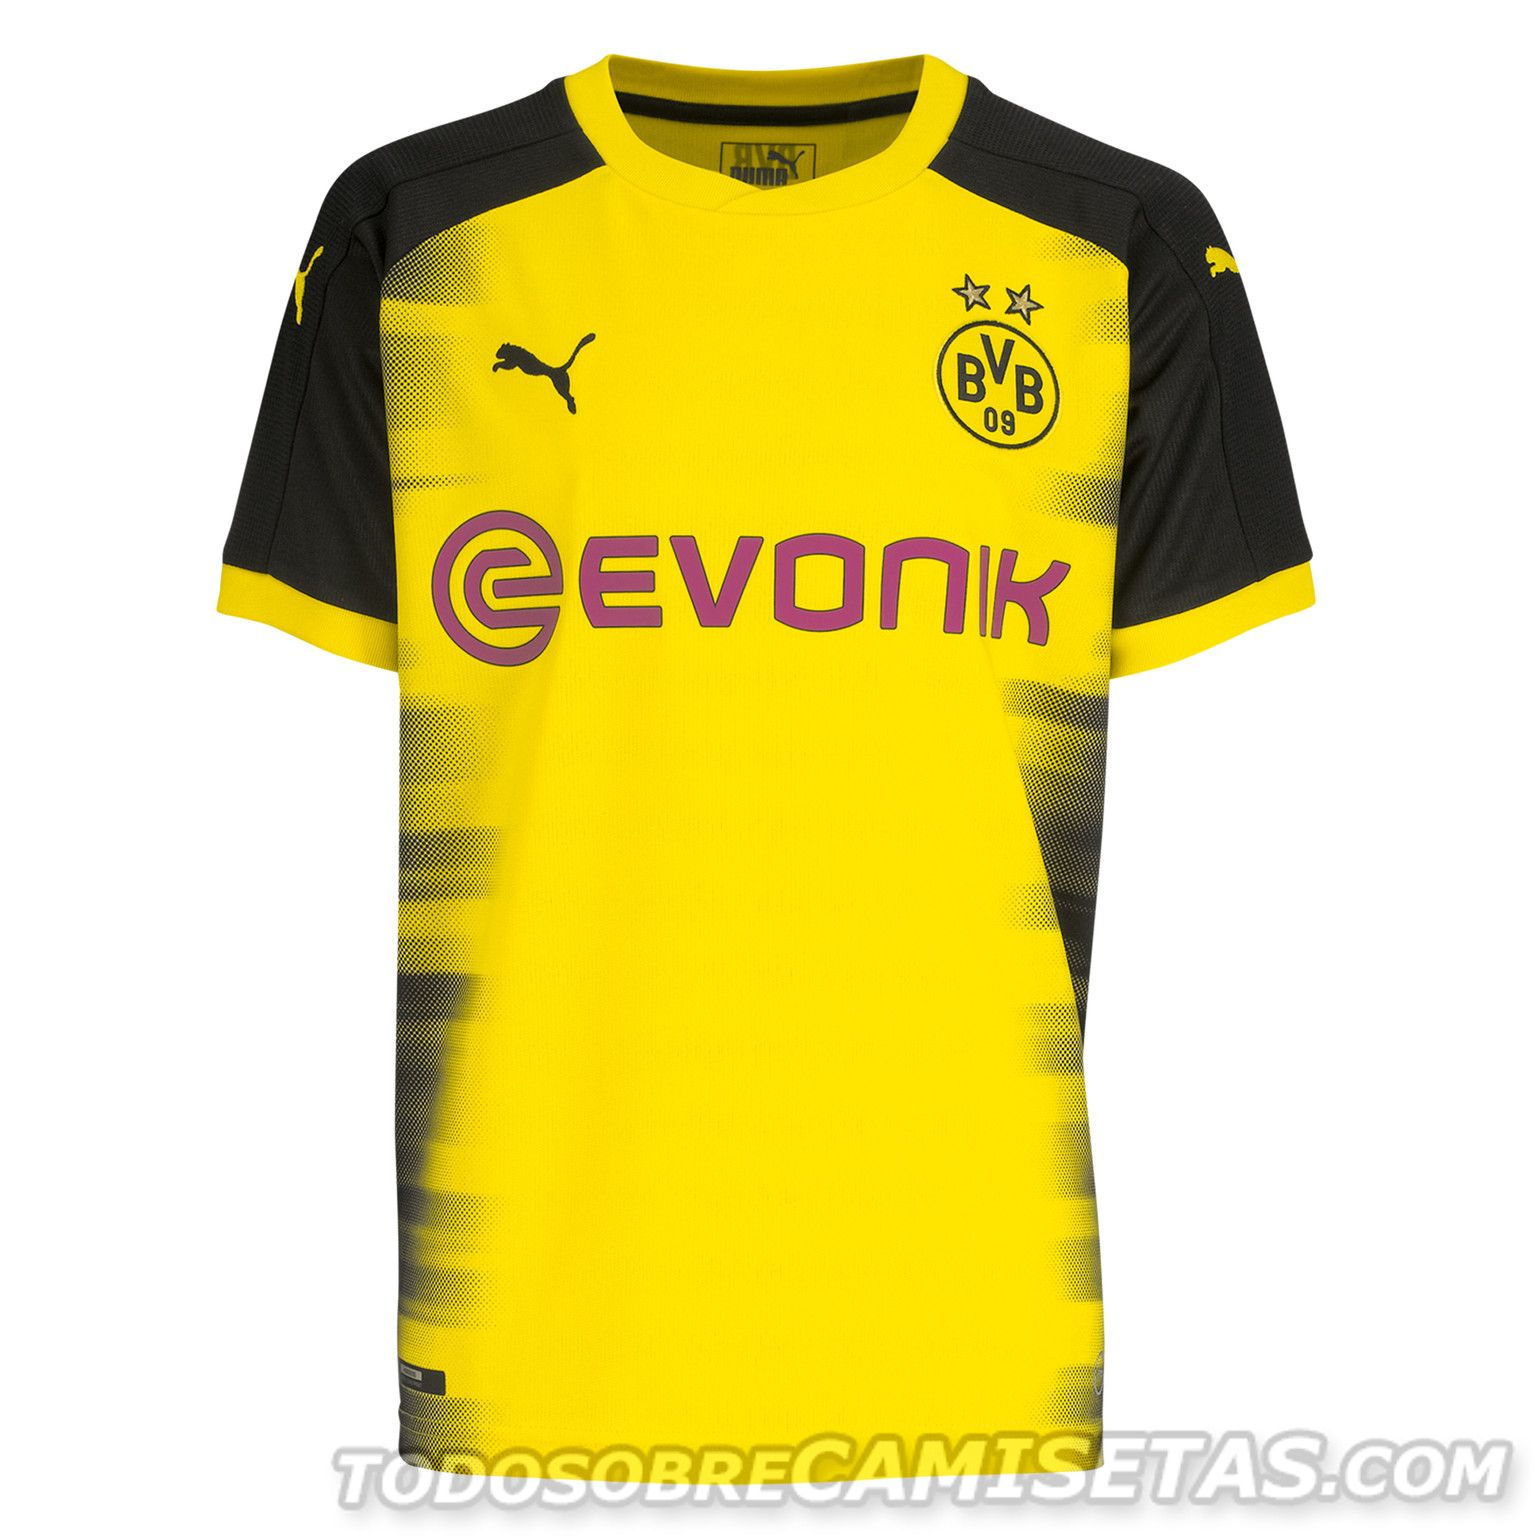 Borussia Dortmund 2017-18 PUMA International Kit Jersey Camisa f643467b959fb